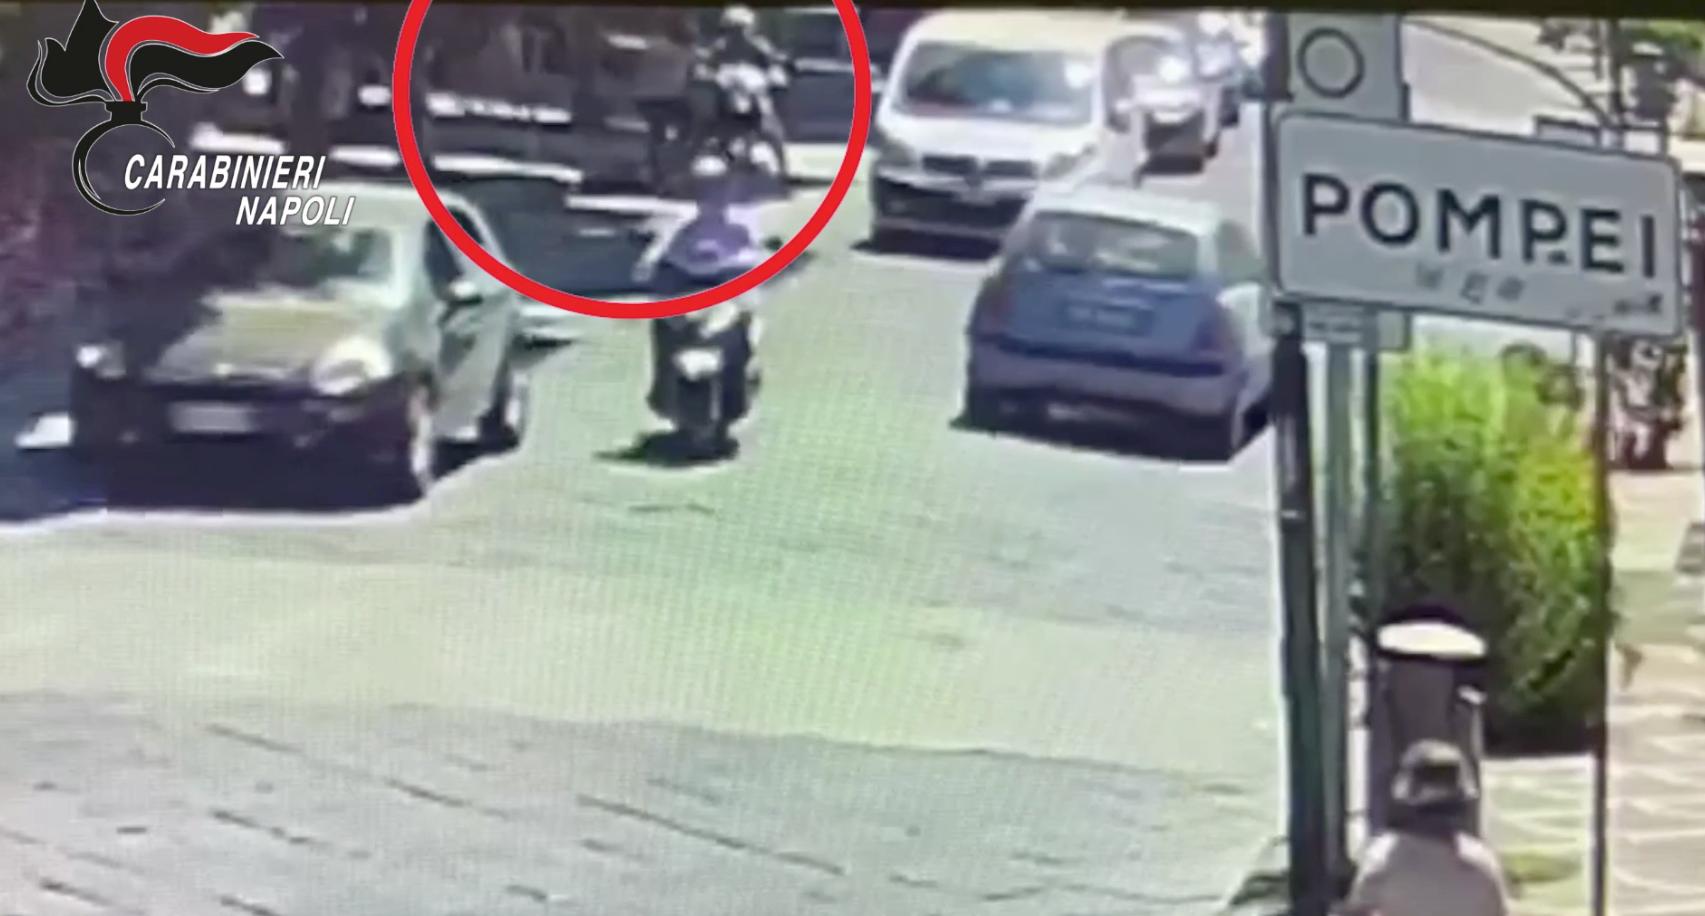 Pompei turista rapinato del rolex all ingresso degli Scavi preso napoletano della Sanità